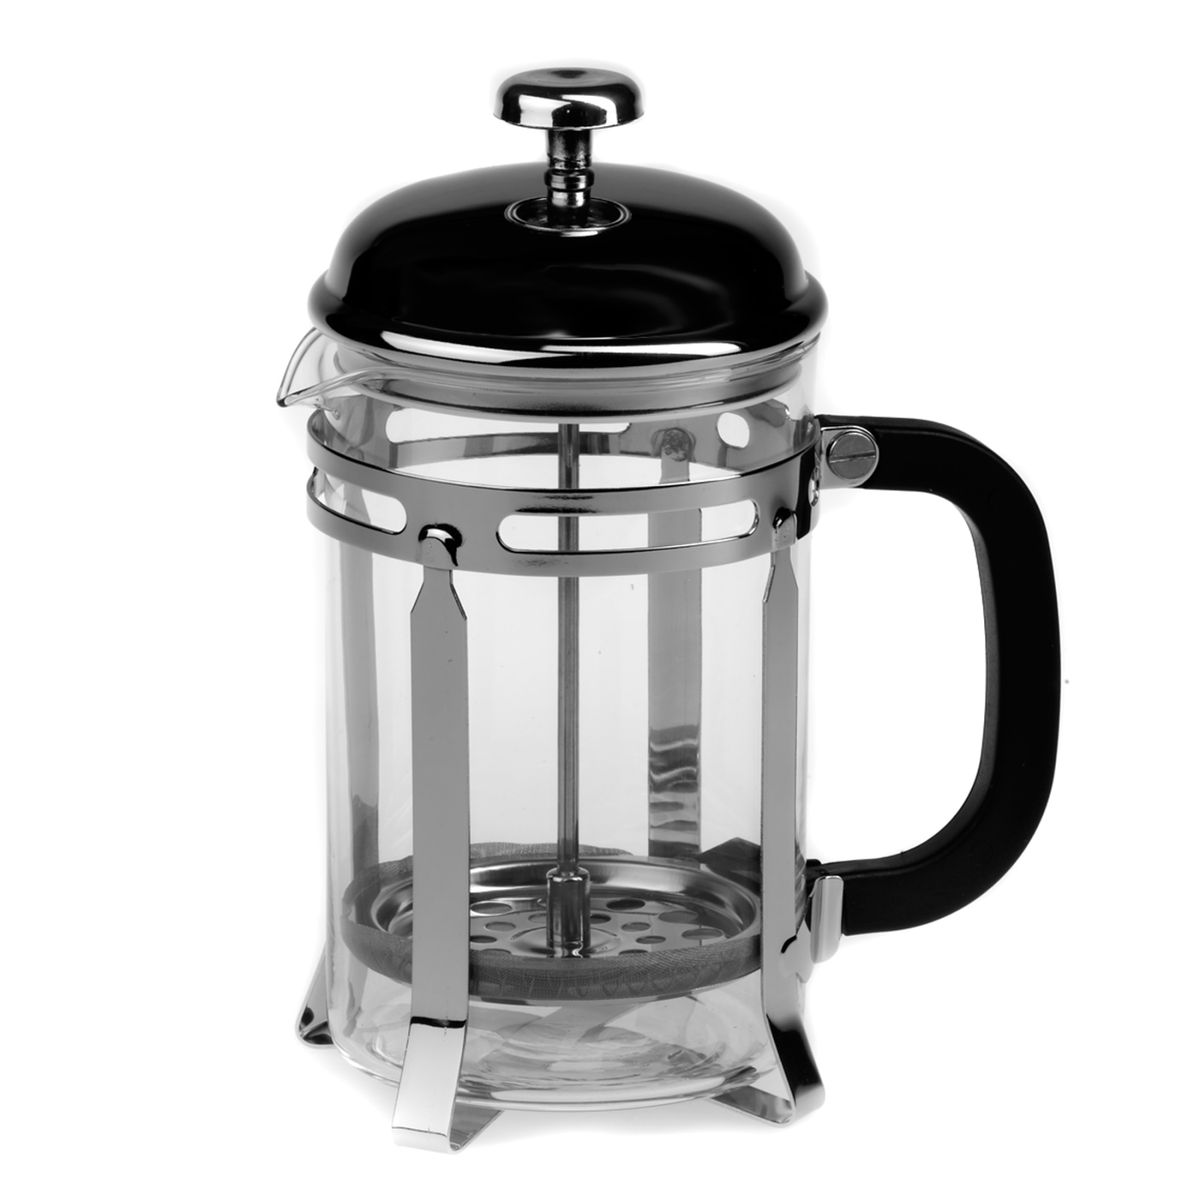 Френч-пресс Gotoff, 800 мл54 009312Френч-пресс Gotoff представляет собой гибрид заварочного чайника и кофейника. Колба выполнена из жаропрочного стекла, корпус, крышка и поршень изготовлены из нержавеющей стали. Ручка пластиковая. Изделие легко разбирается и моется. Прозрачные стенки чайника дают возможность наблюдать за насыщением напитка, а поршень позволяет с легкостью отжать самый сок от заварки и получить напиток с насыщенным вкусом. Заварочный чайник - постоянно используемый предмет посуды, который необходим на каждой кухне. Френч-пресс Gotoff займет достойное место среди аксессуаров на вашей кухне. Можно мыть в посудомоечной машине. Диаметр (по верхнему краю): 10 см. Высота чайника: 21 см.